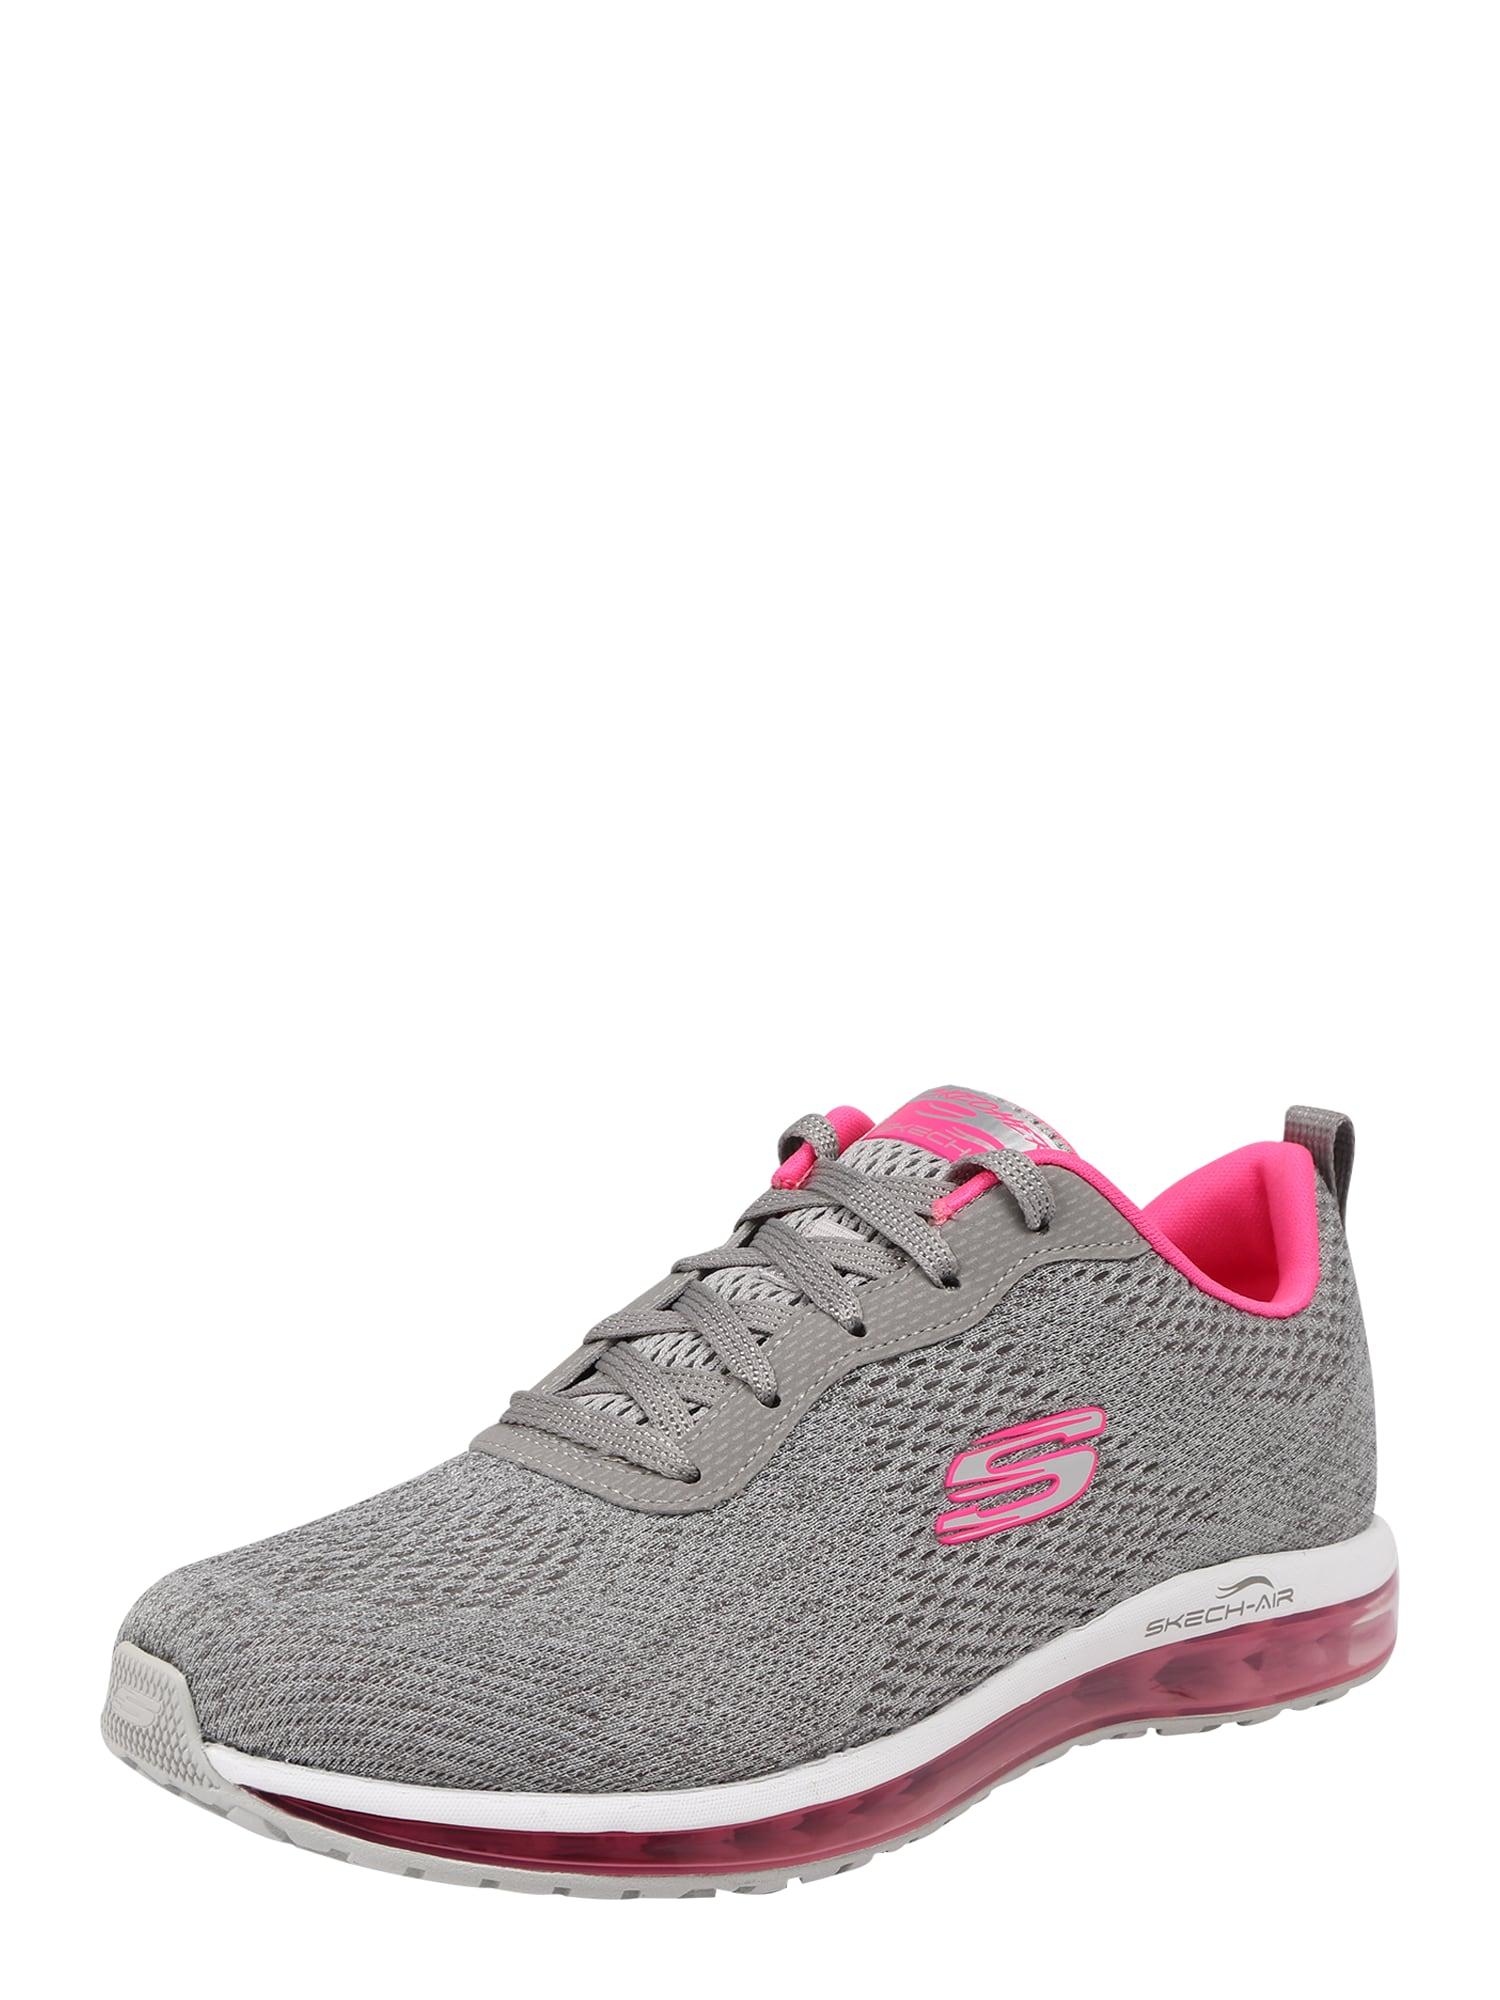 Tenisky SKECH-AIR ELEMENT šedá pink SKECHERS